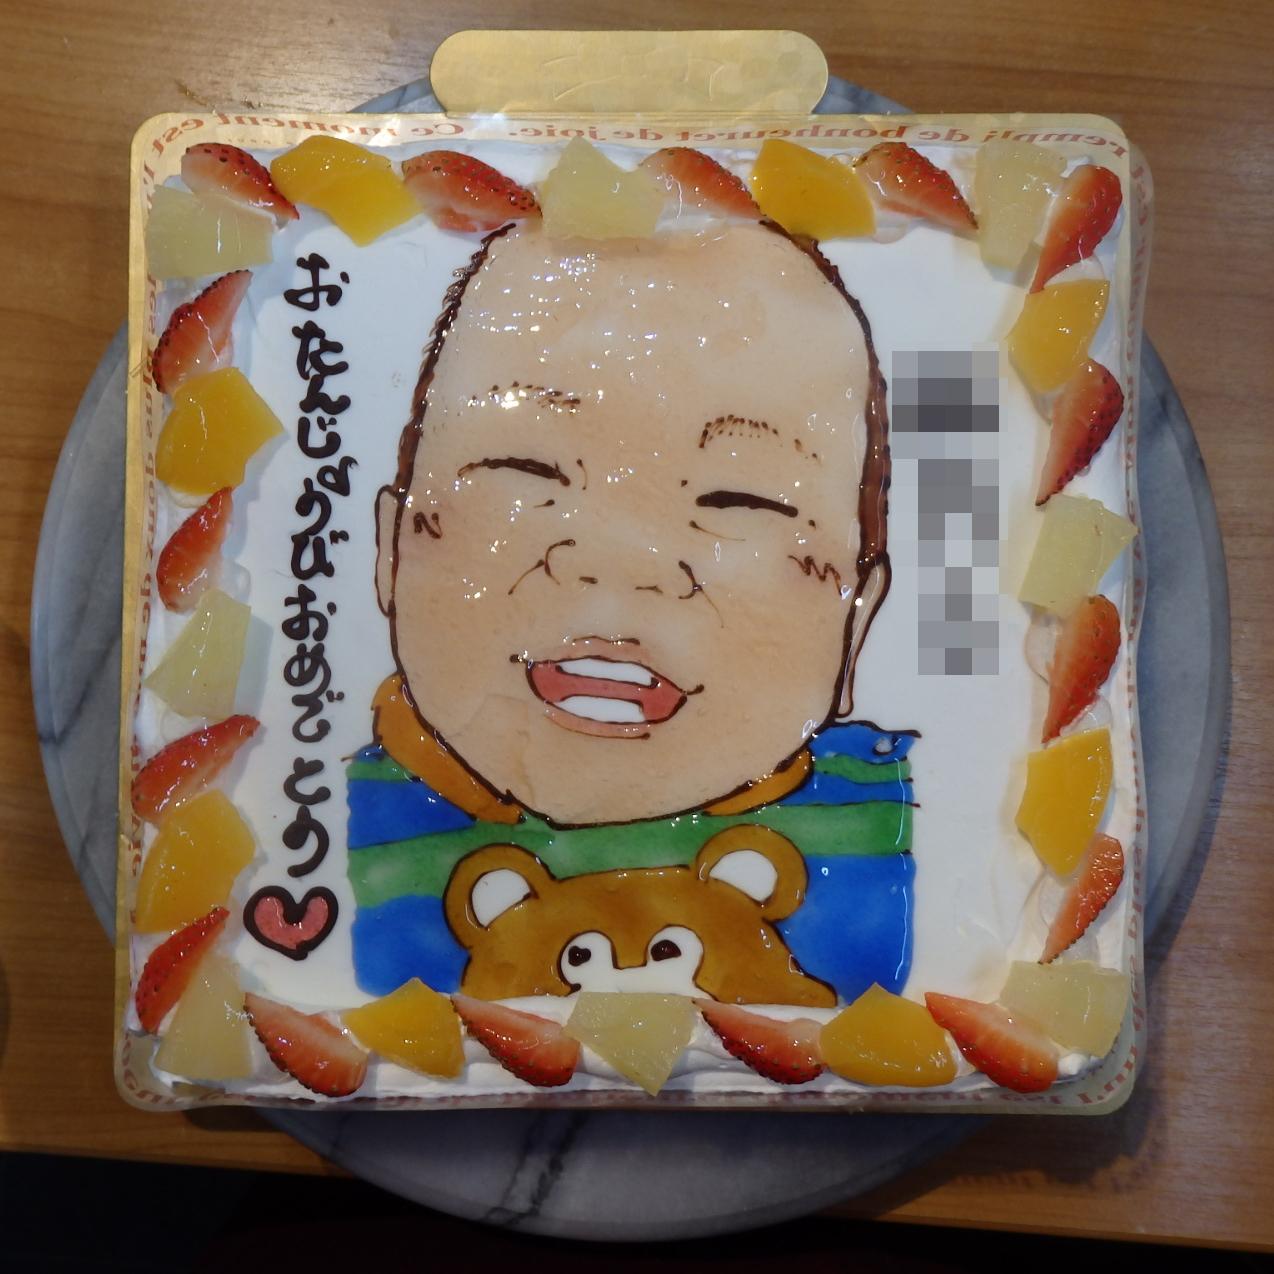 【送料無料】似顔絵ケーキ 9号 四角の画像6枚目